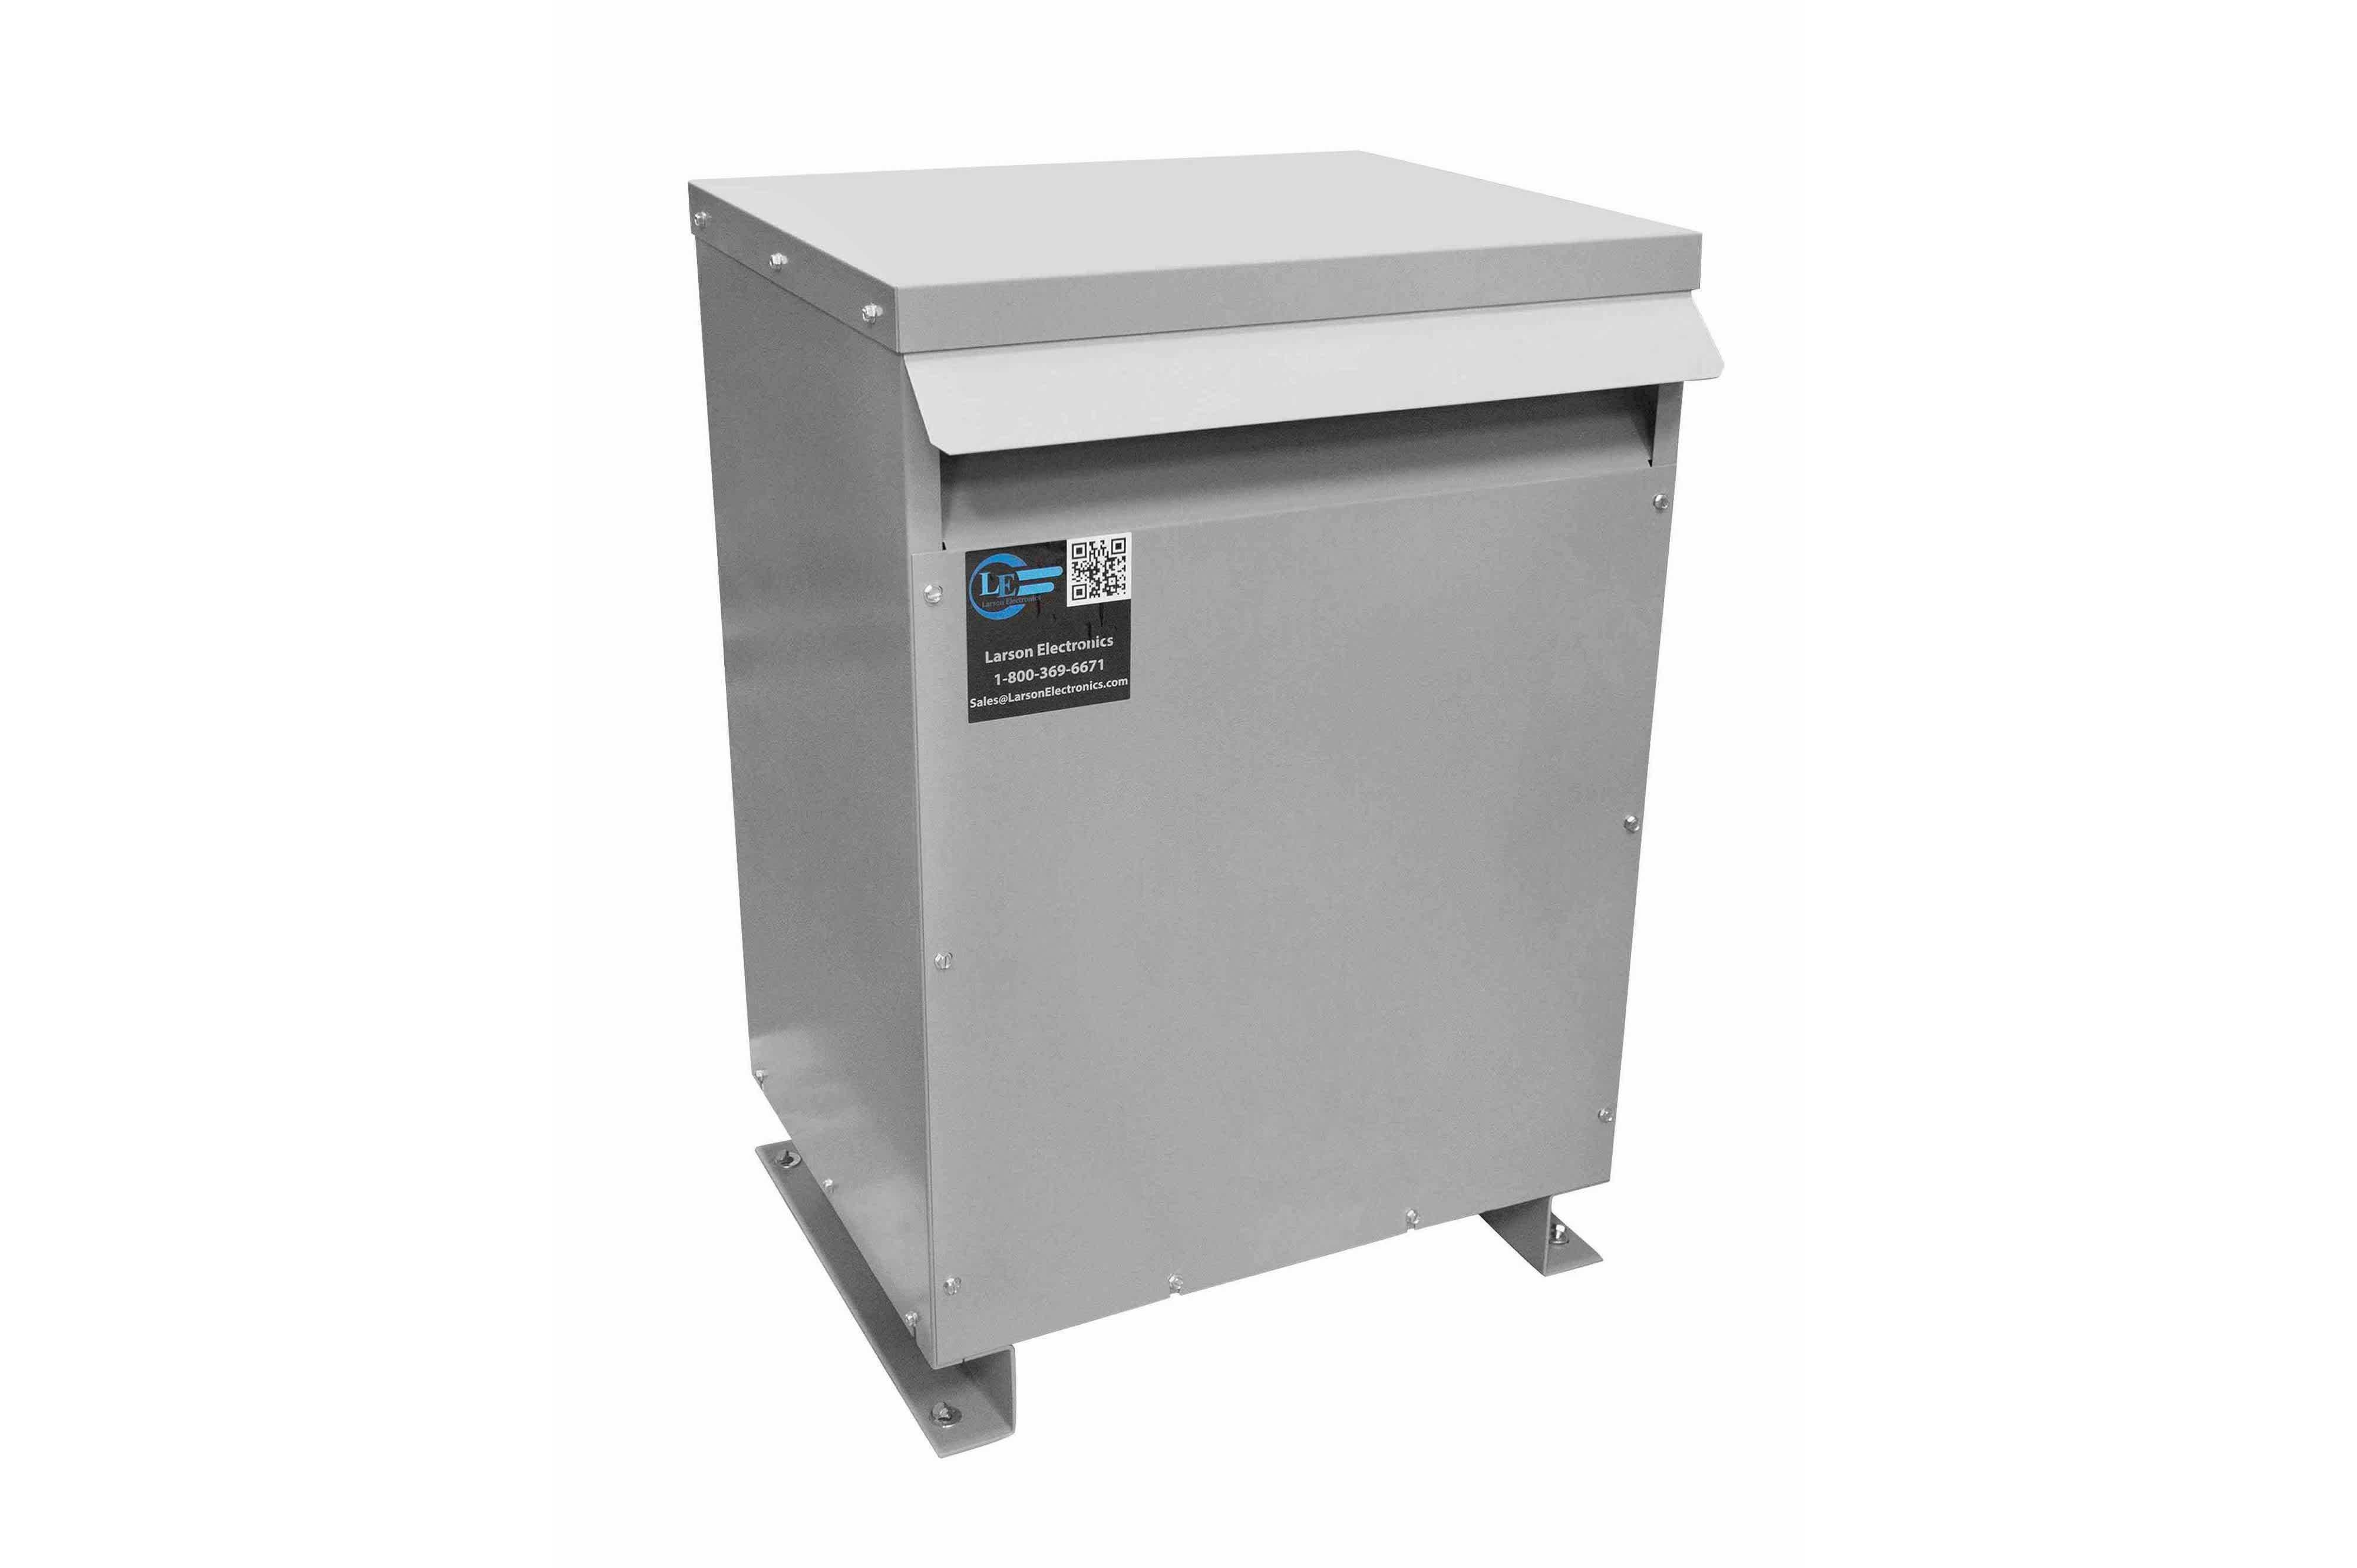 50 kVA 3PH Isolation Transformer, 208V Delta Primary, 400V Delta Secondary, N3R, Ventilated, 60 Hz